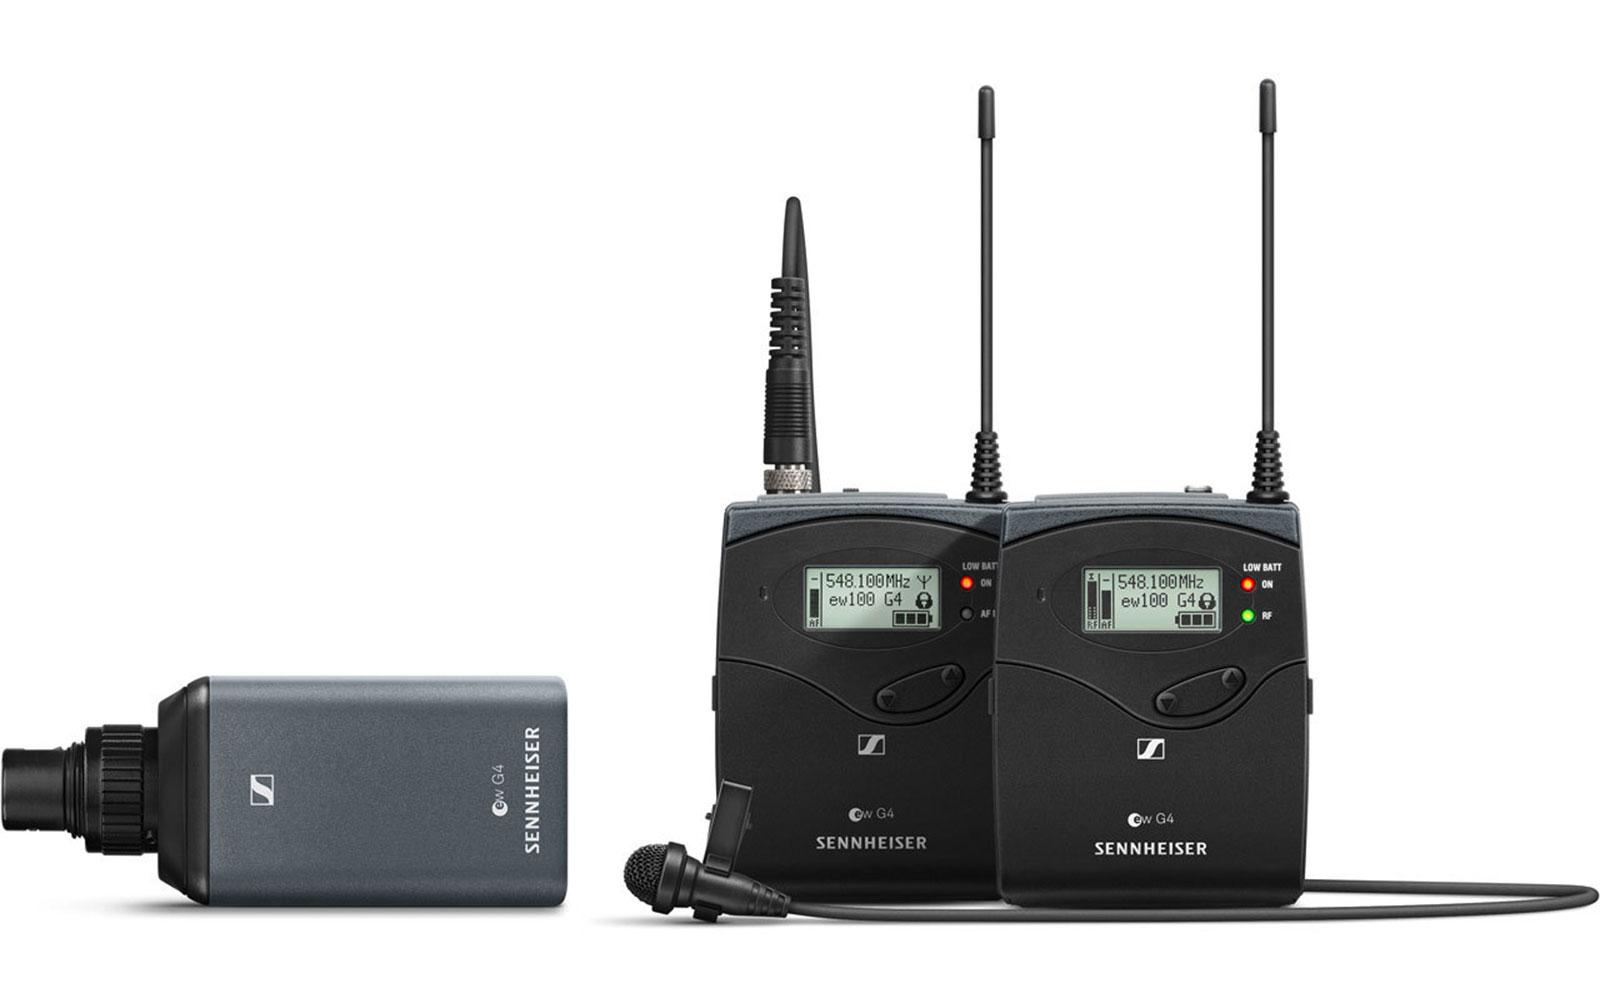 sennheiser-ew-100-eng-g4-a1-frequenz-470-516-mhz-